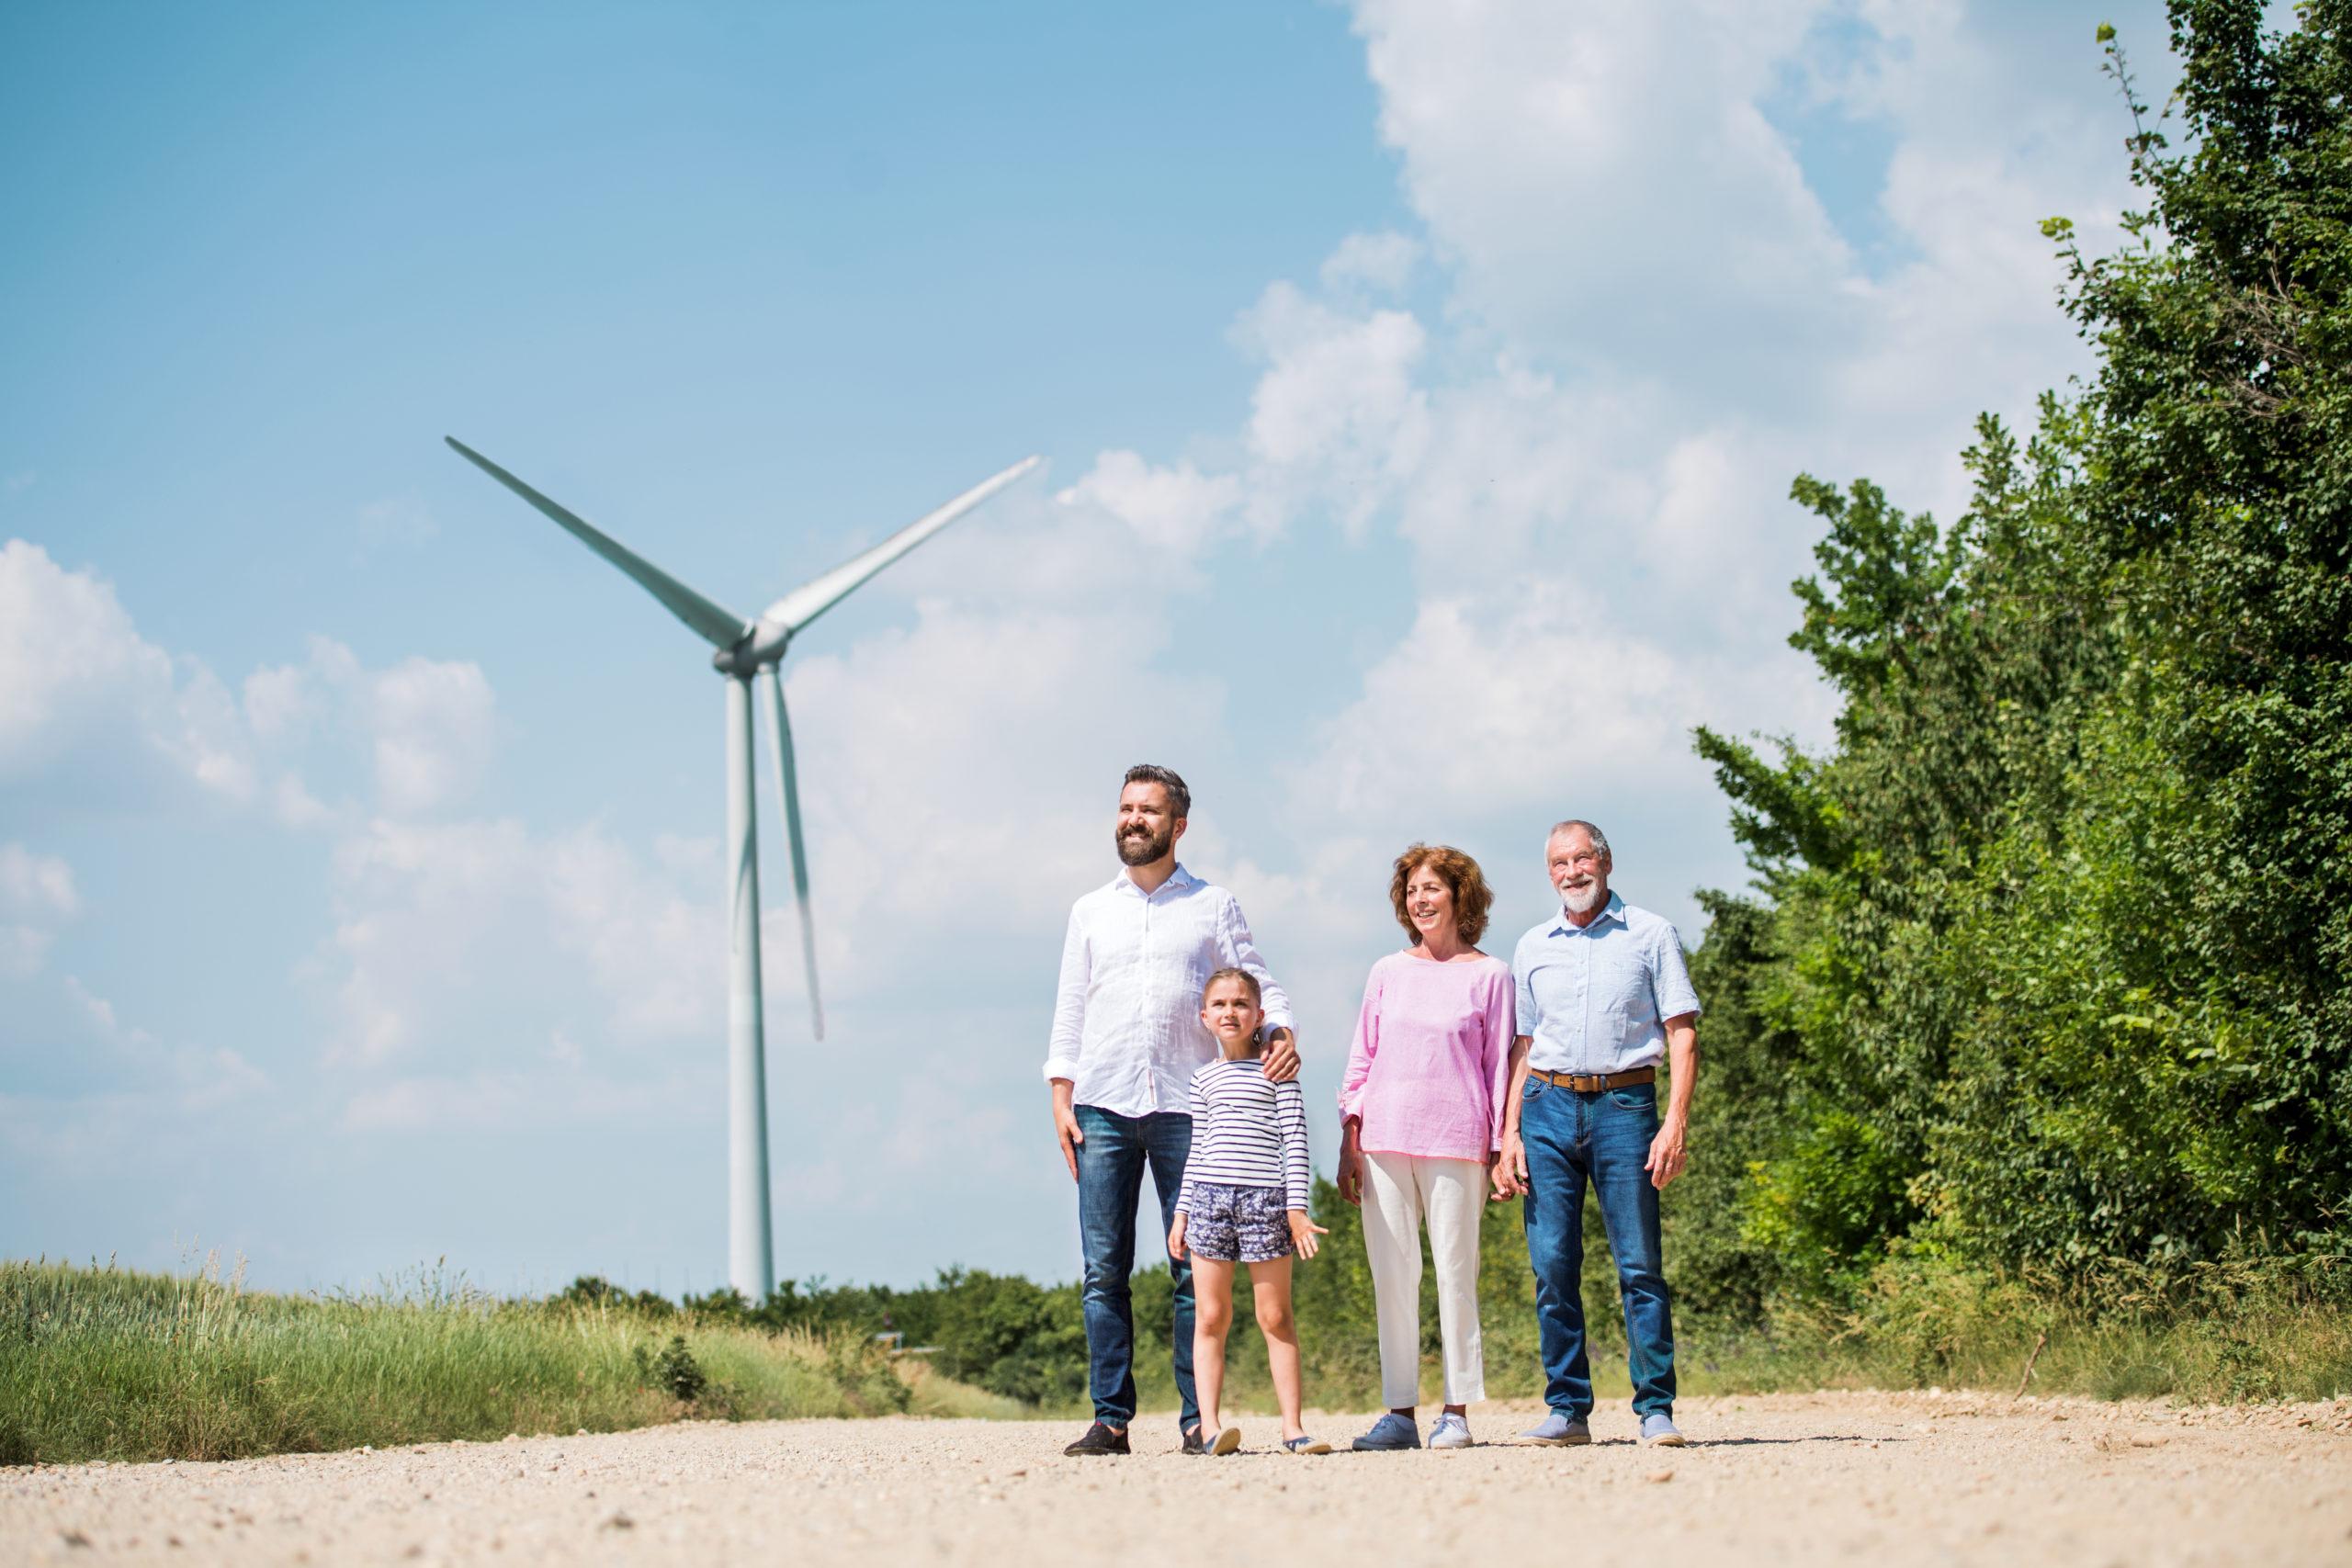 Lokaal opwekken van energie